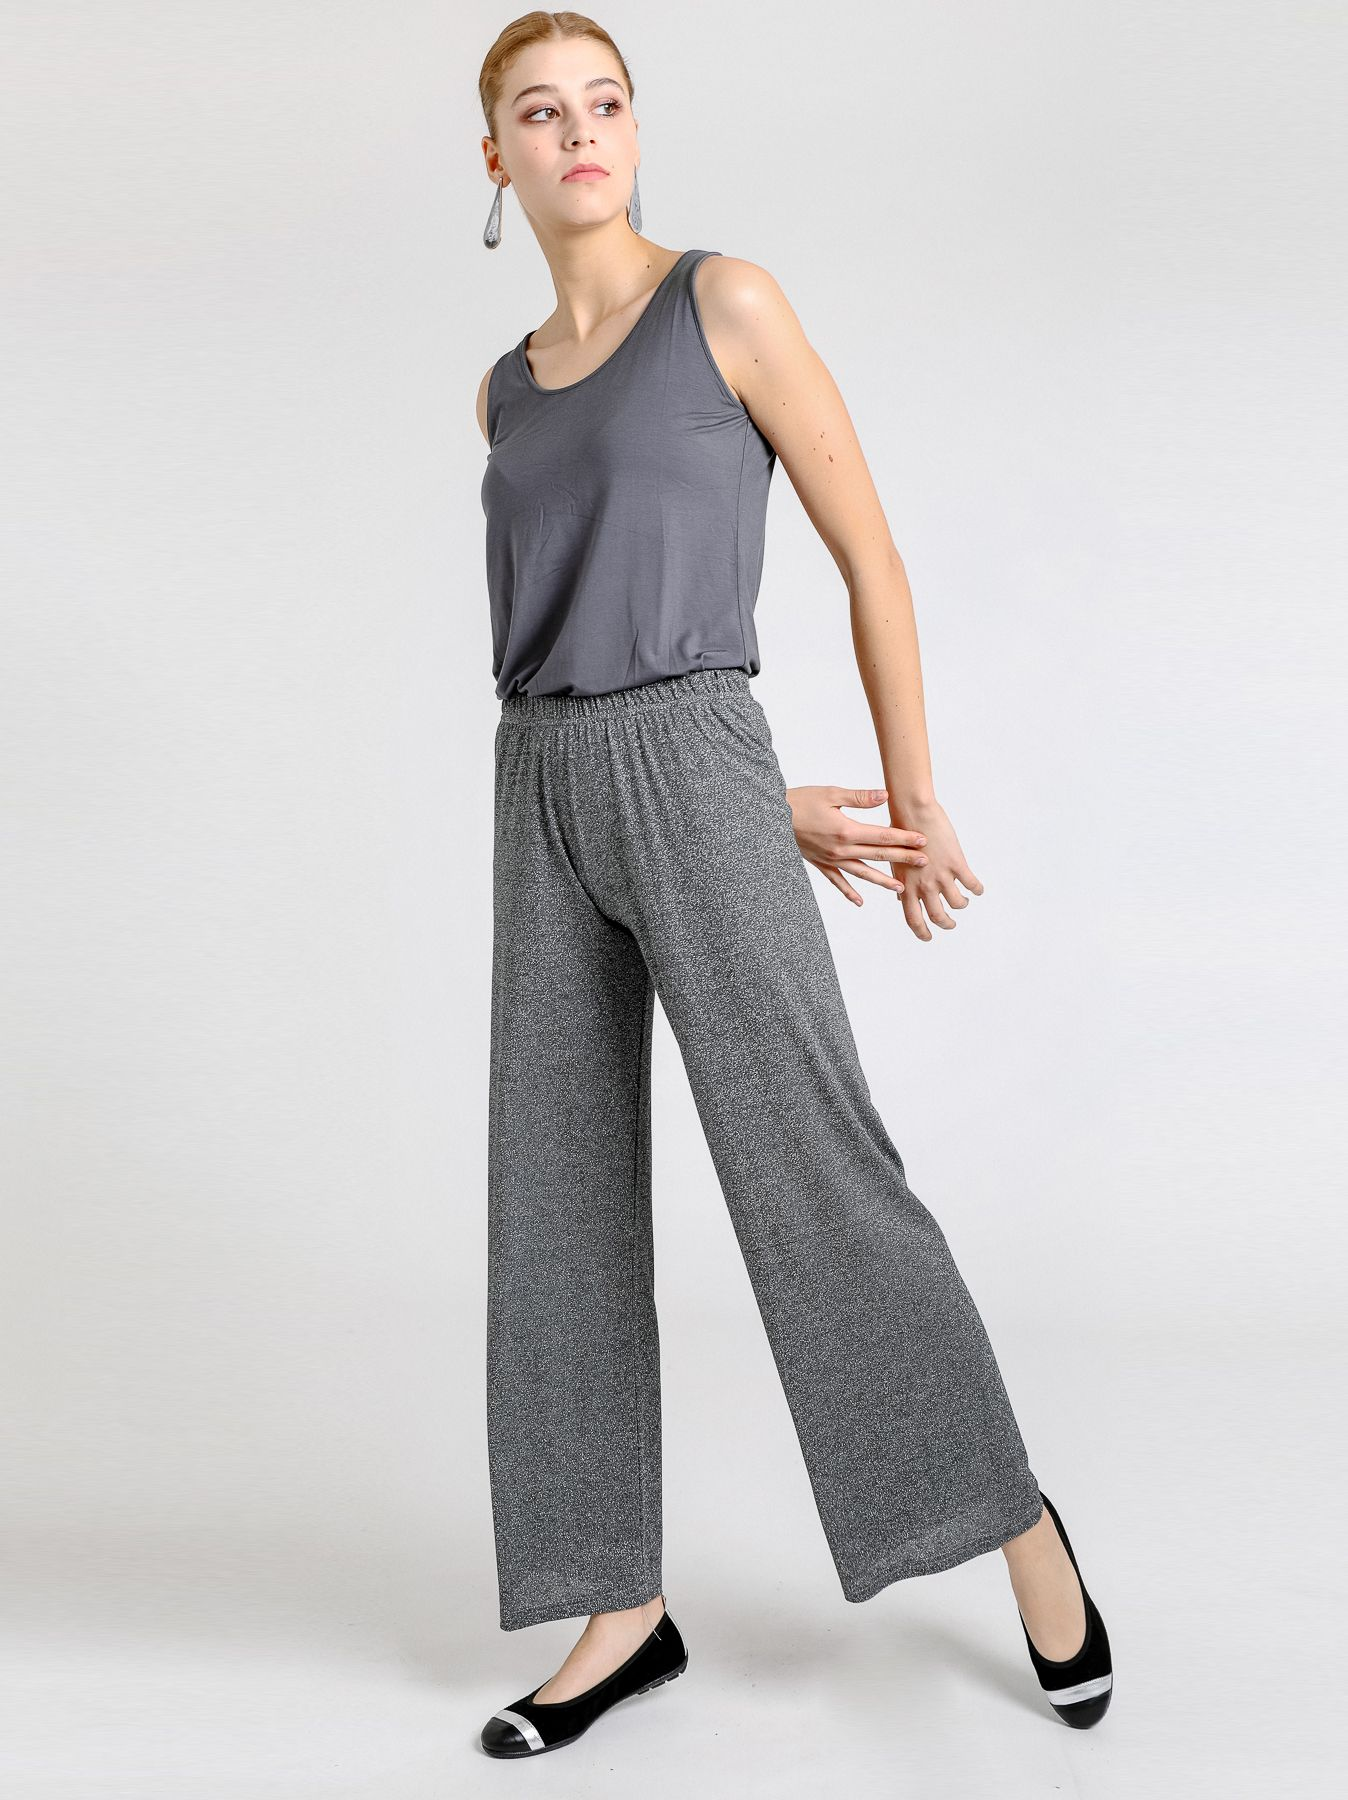 Pantalone elastico in lurex